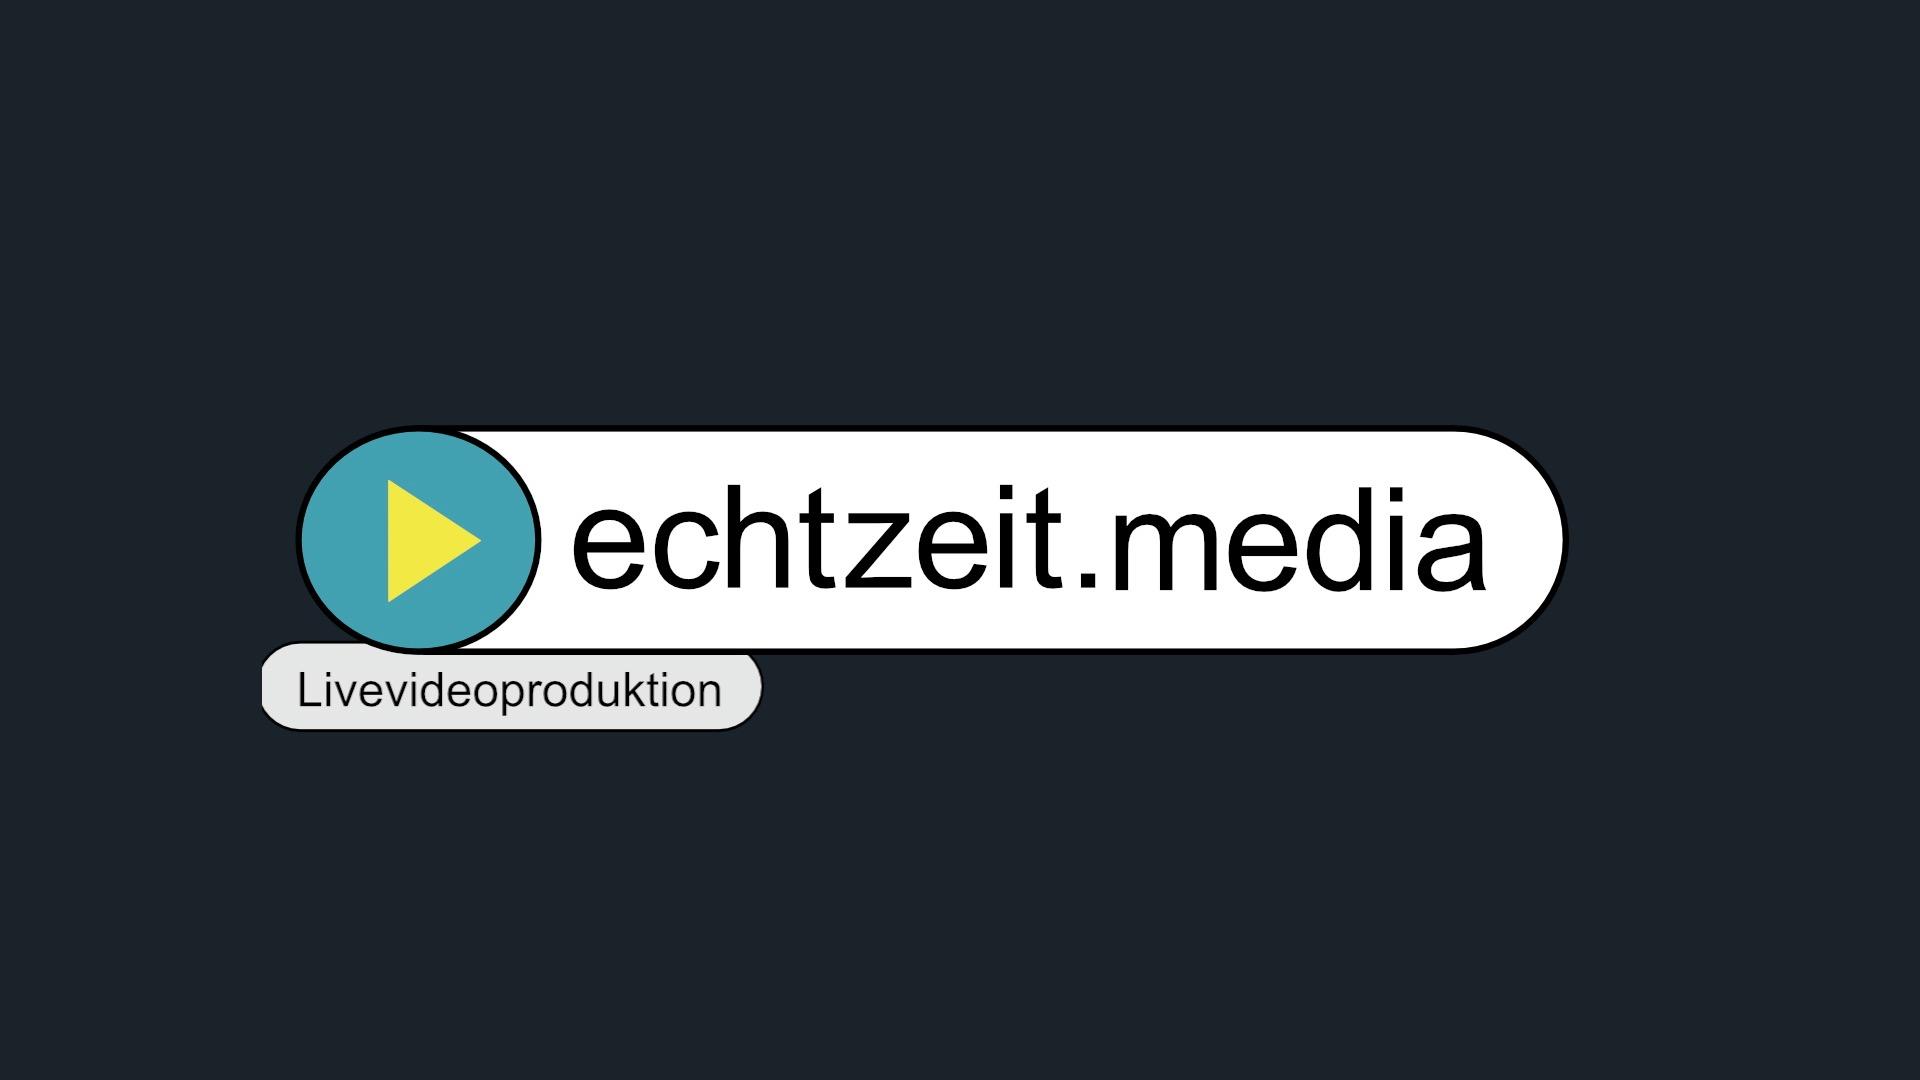 echtzeit.media ist der Spezialist für Livevideoprodukion in Köln